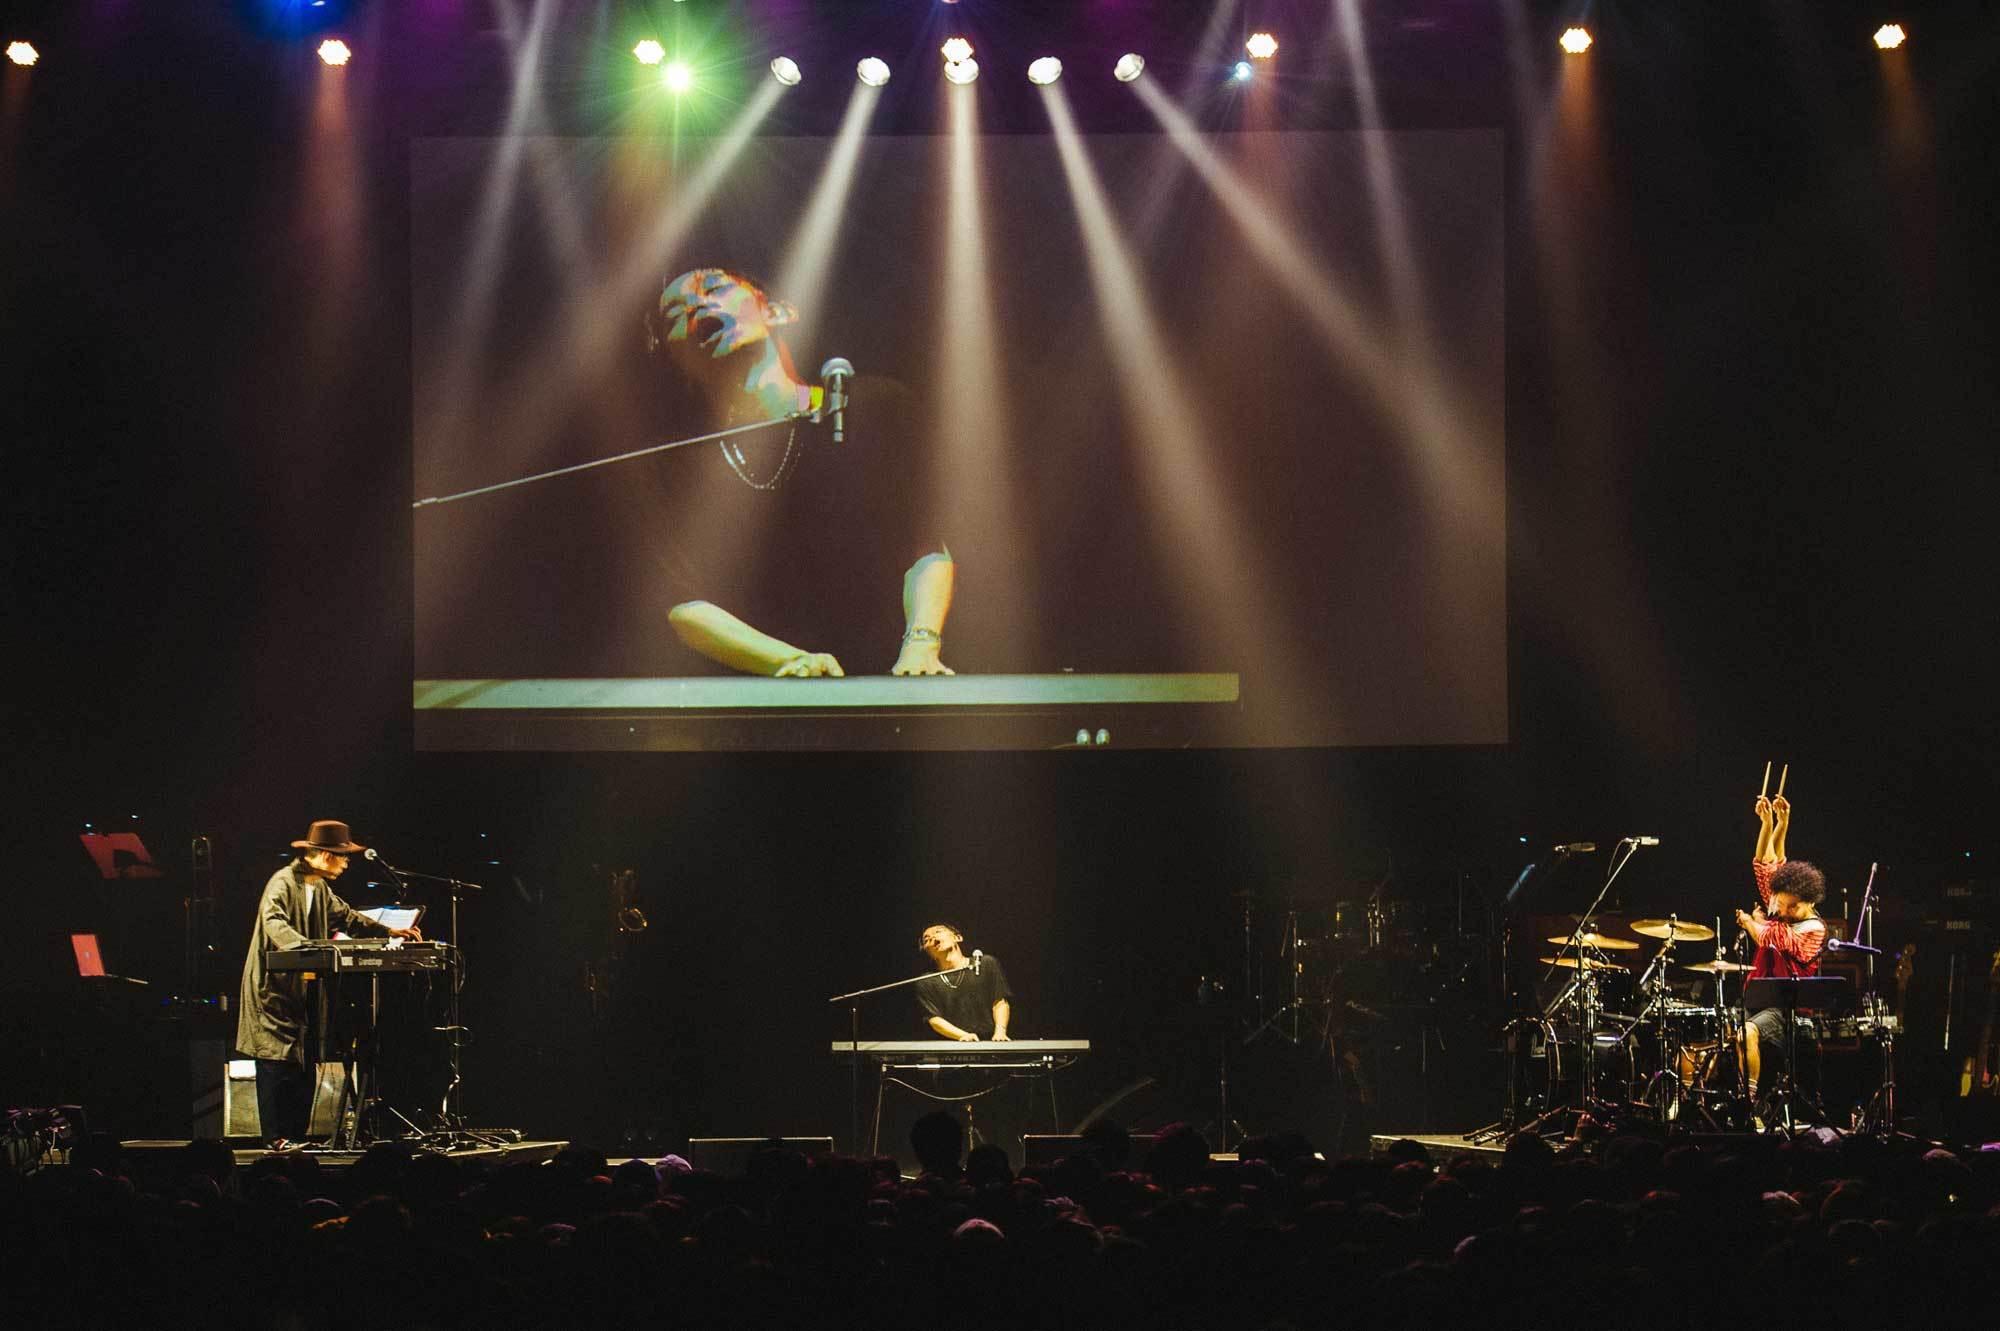 SKY-HI ライブハウスツアー『Round A Ground 2018』